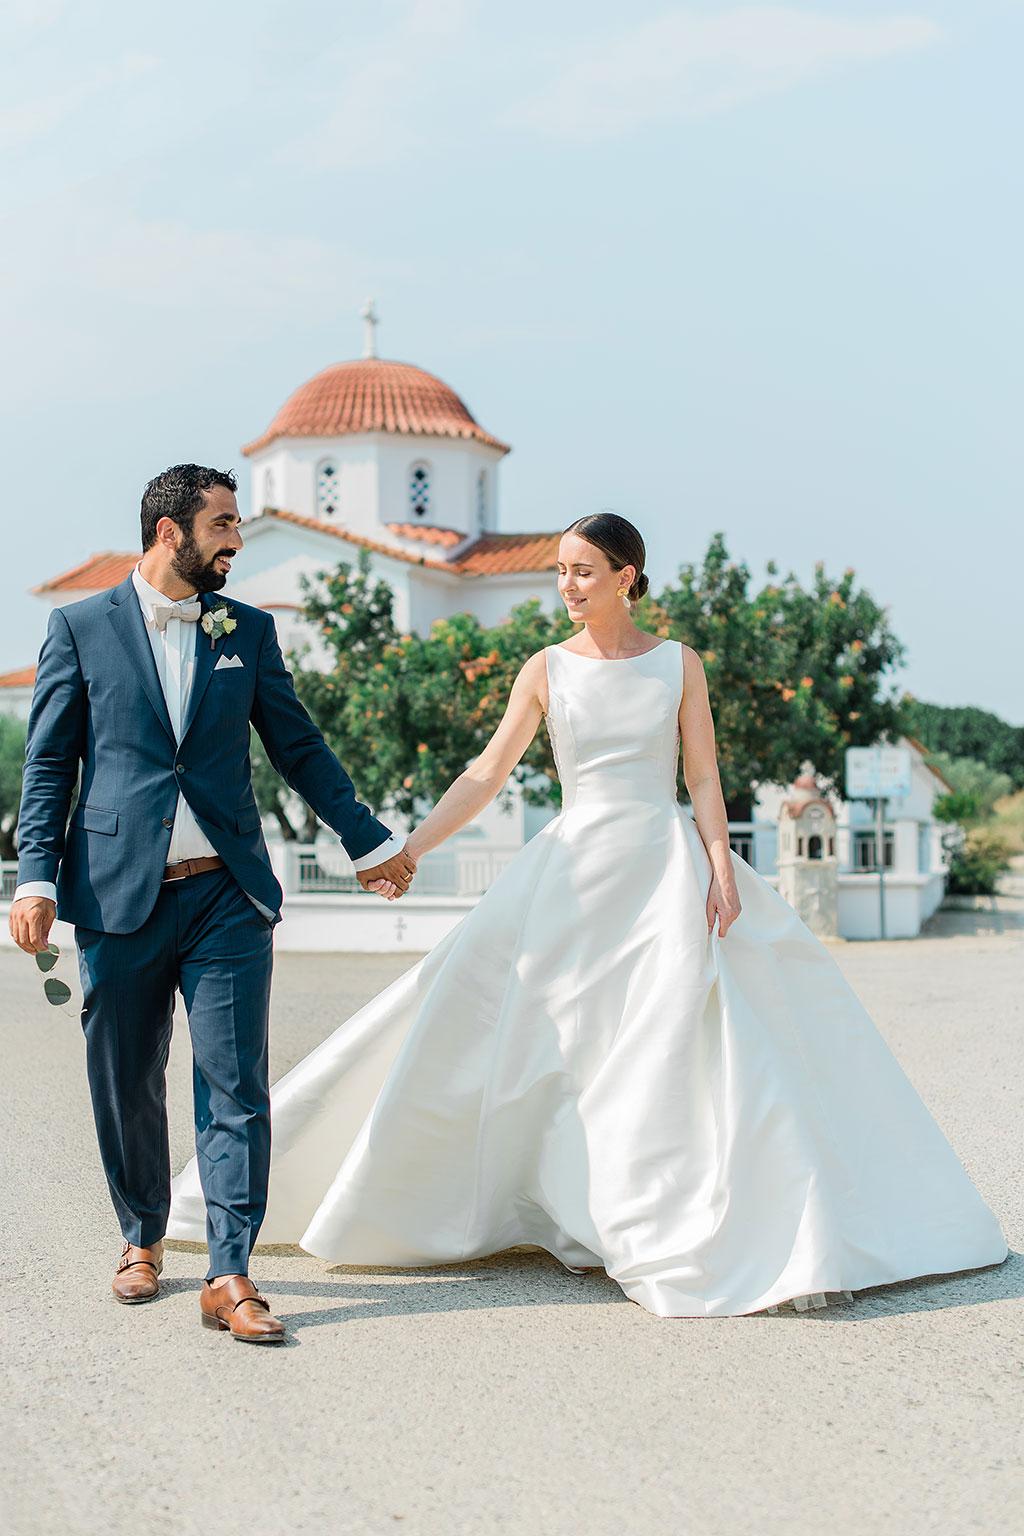 groom with bride walk outside of the church, Φωτογράφος γάμου Χαλκιδική